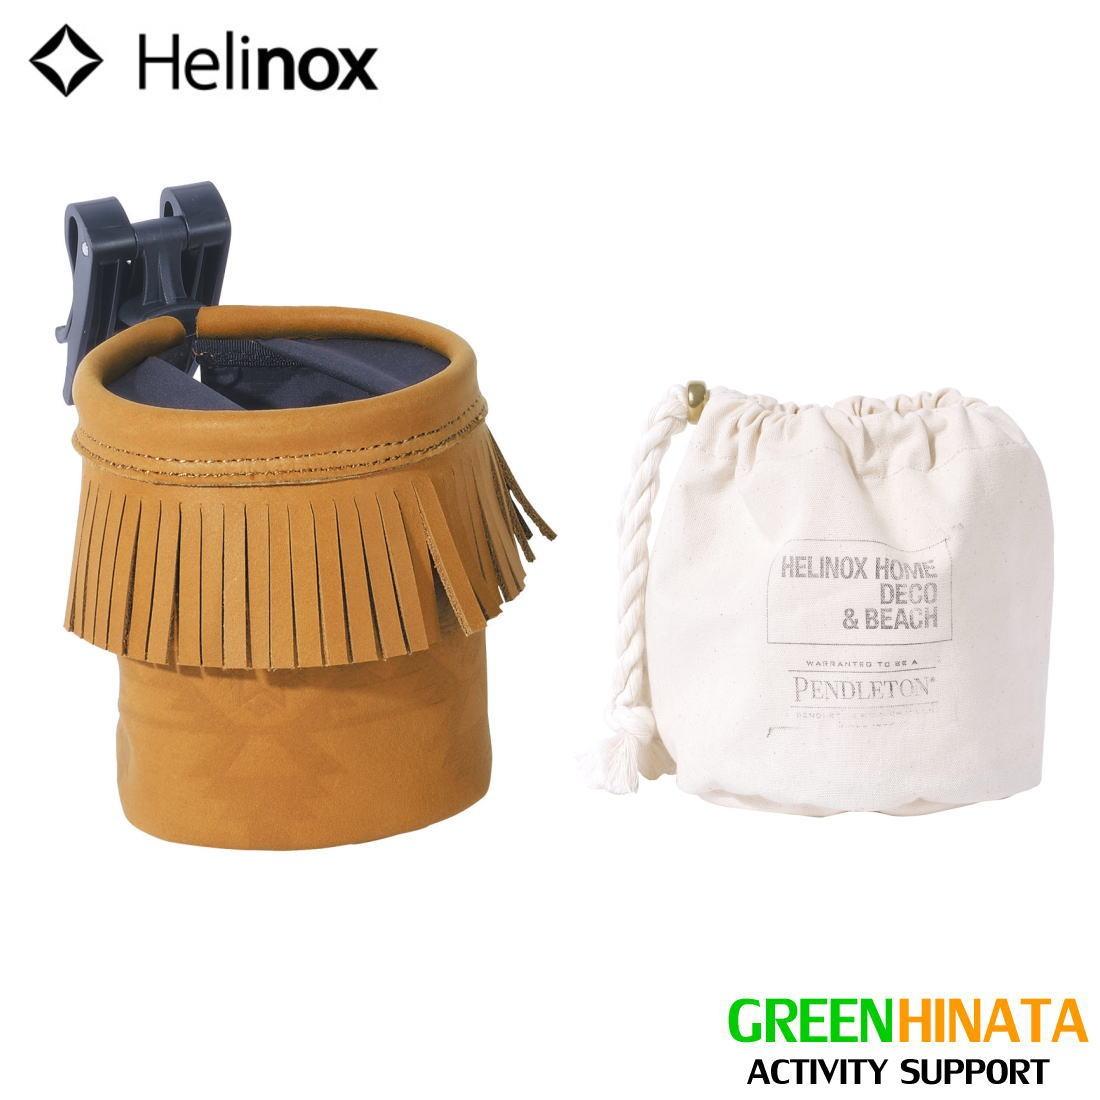 【国内正規品 Holder】 ヘリノックス ペンドルトン レザーカップホルダー 折りたたみ椅子 HELINOX HELINOX Pendleton × × Helinox Leather Cup Holder, ジュークボックス:c95ccbd9 --- data.gd.no